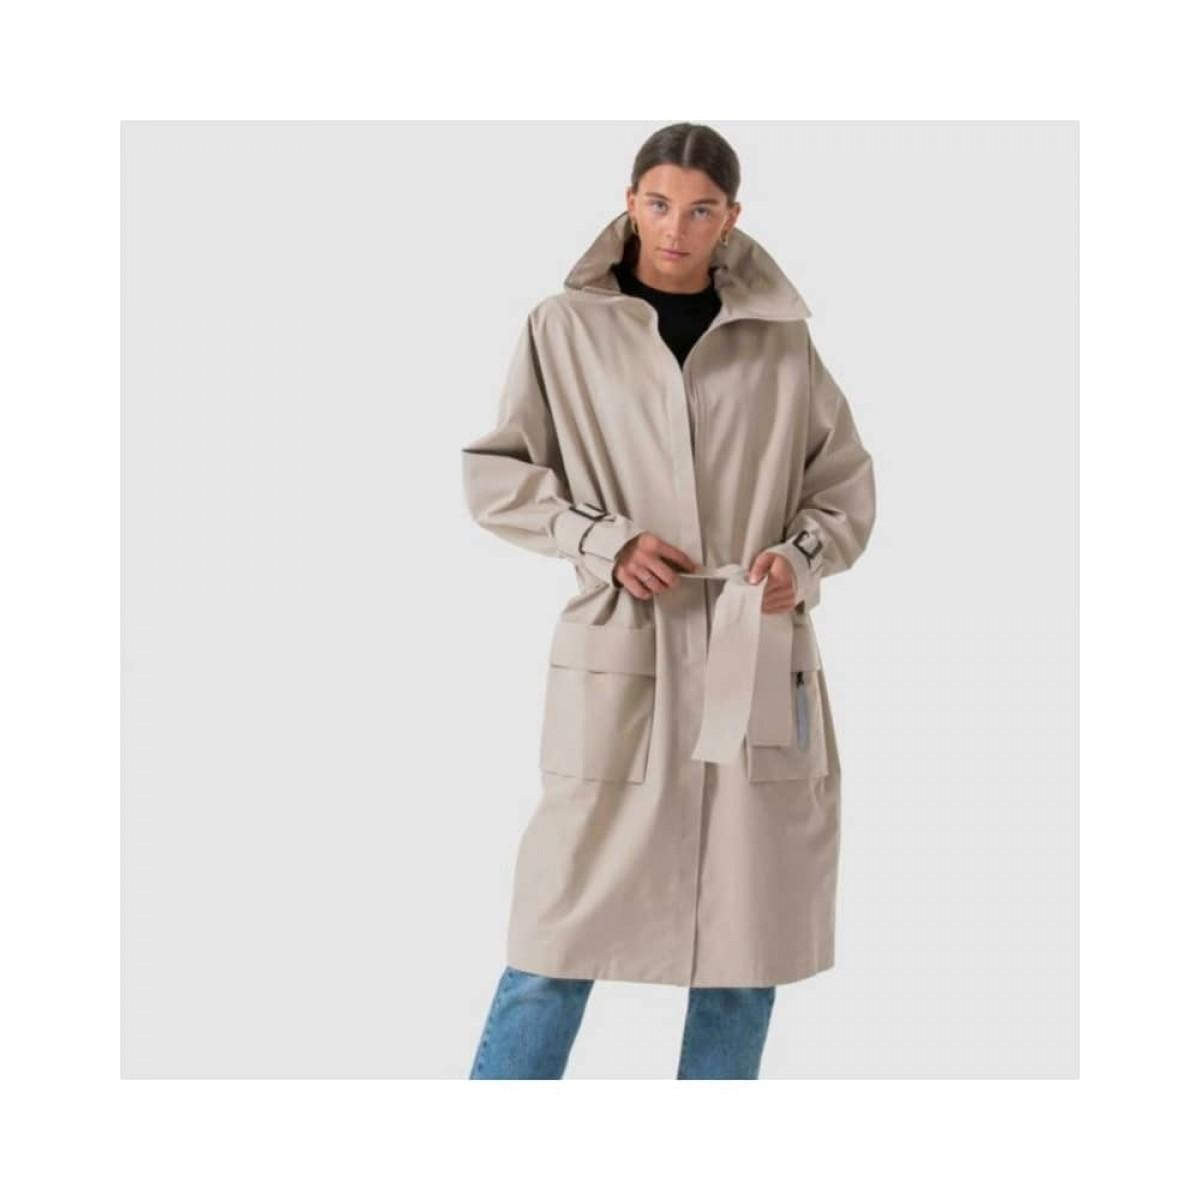 brosundet regn frakke - beige